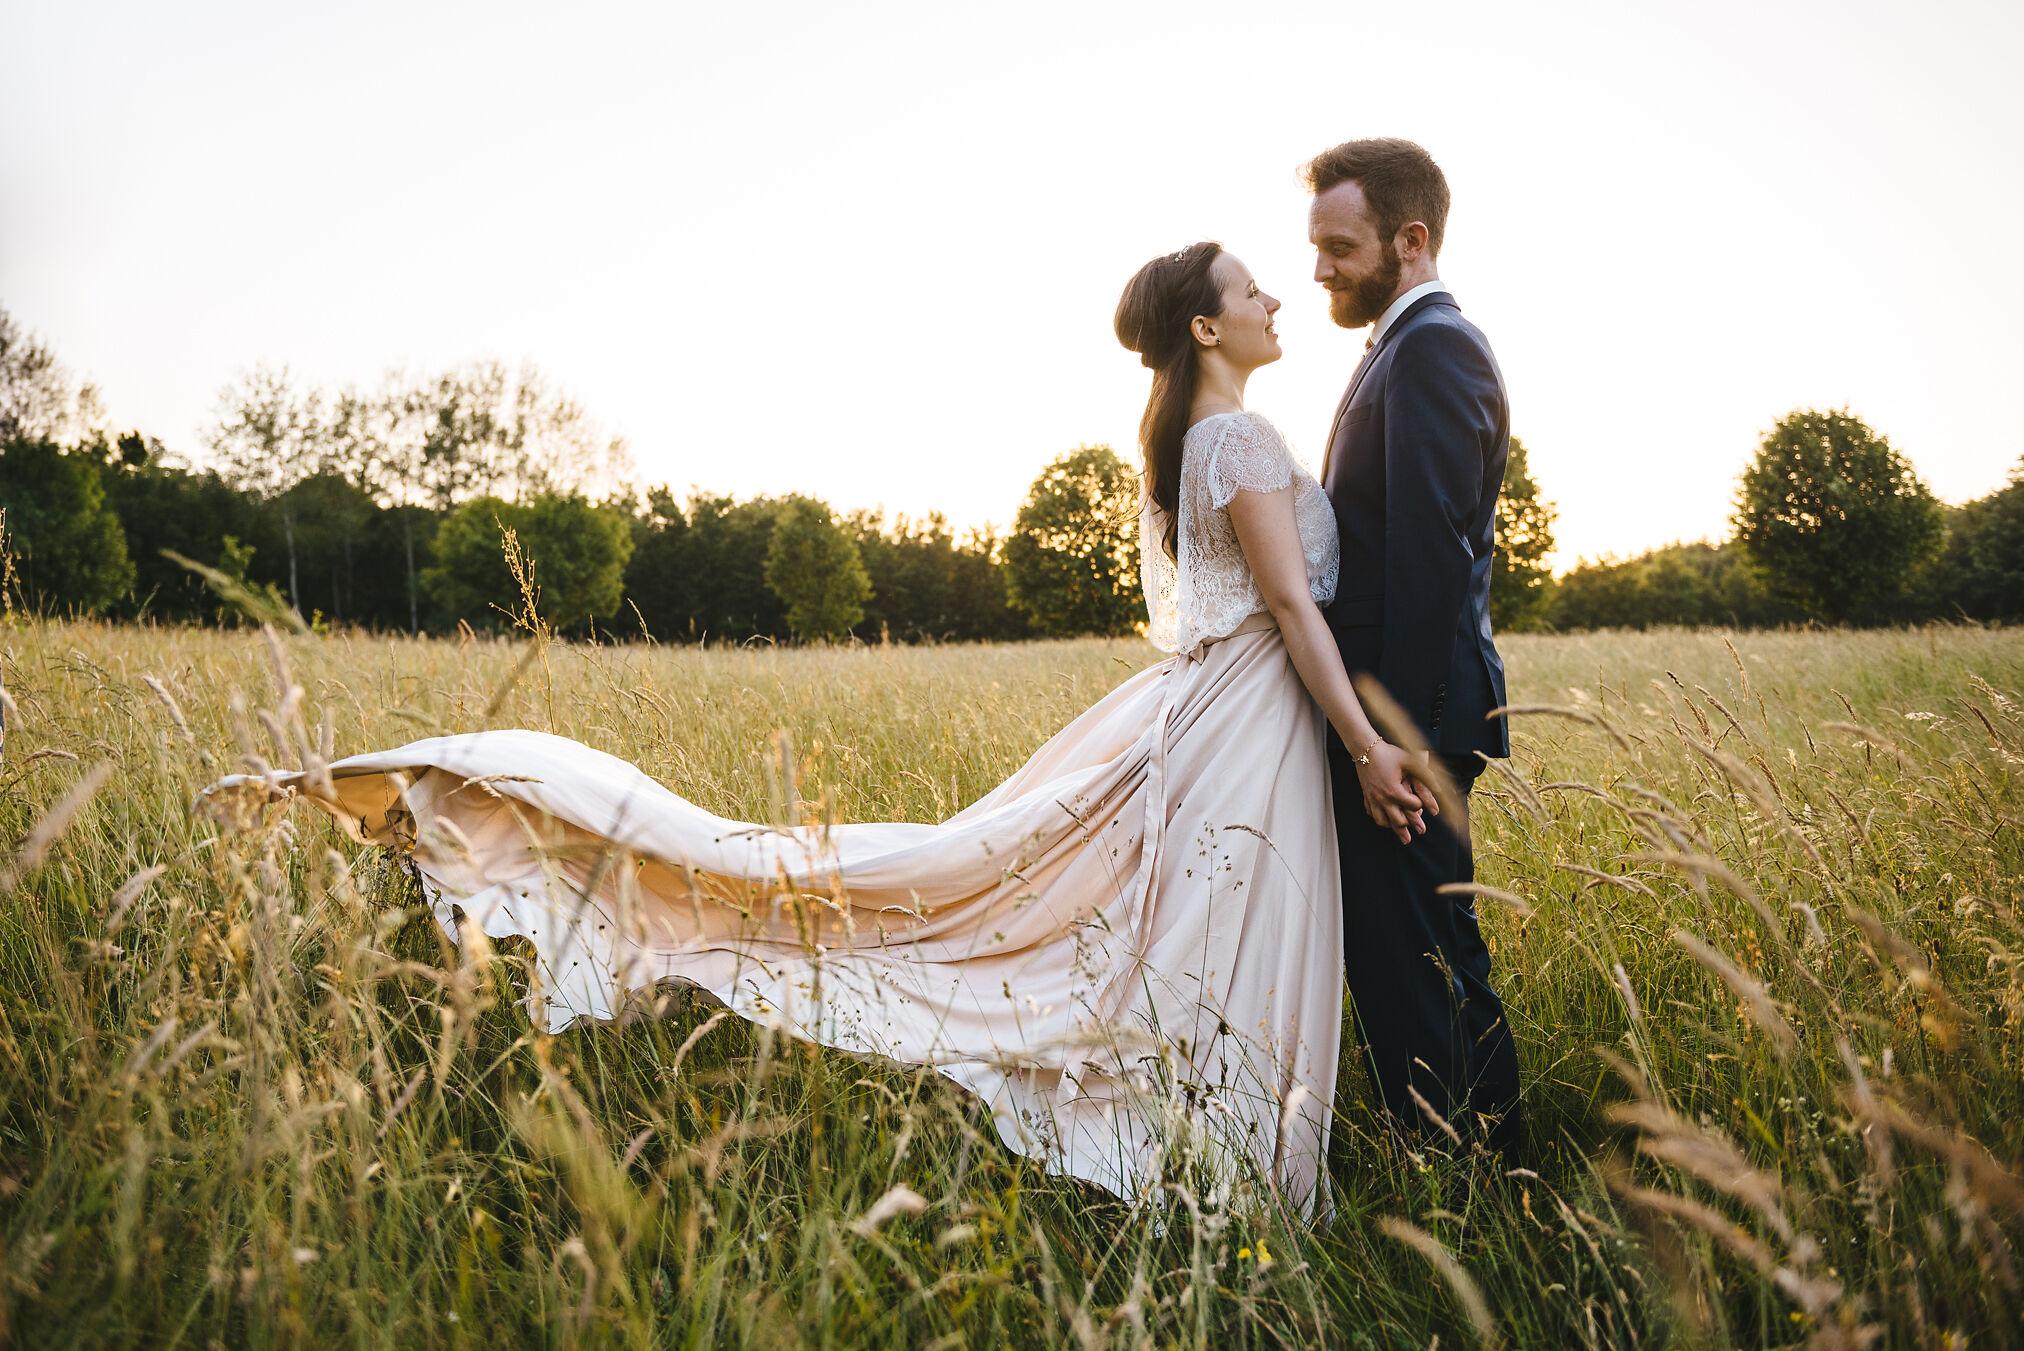 Hochzeit-Garten-Denoti-55.jpg